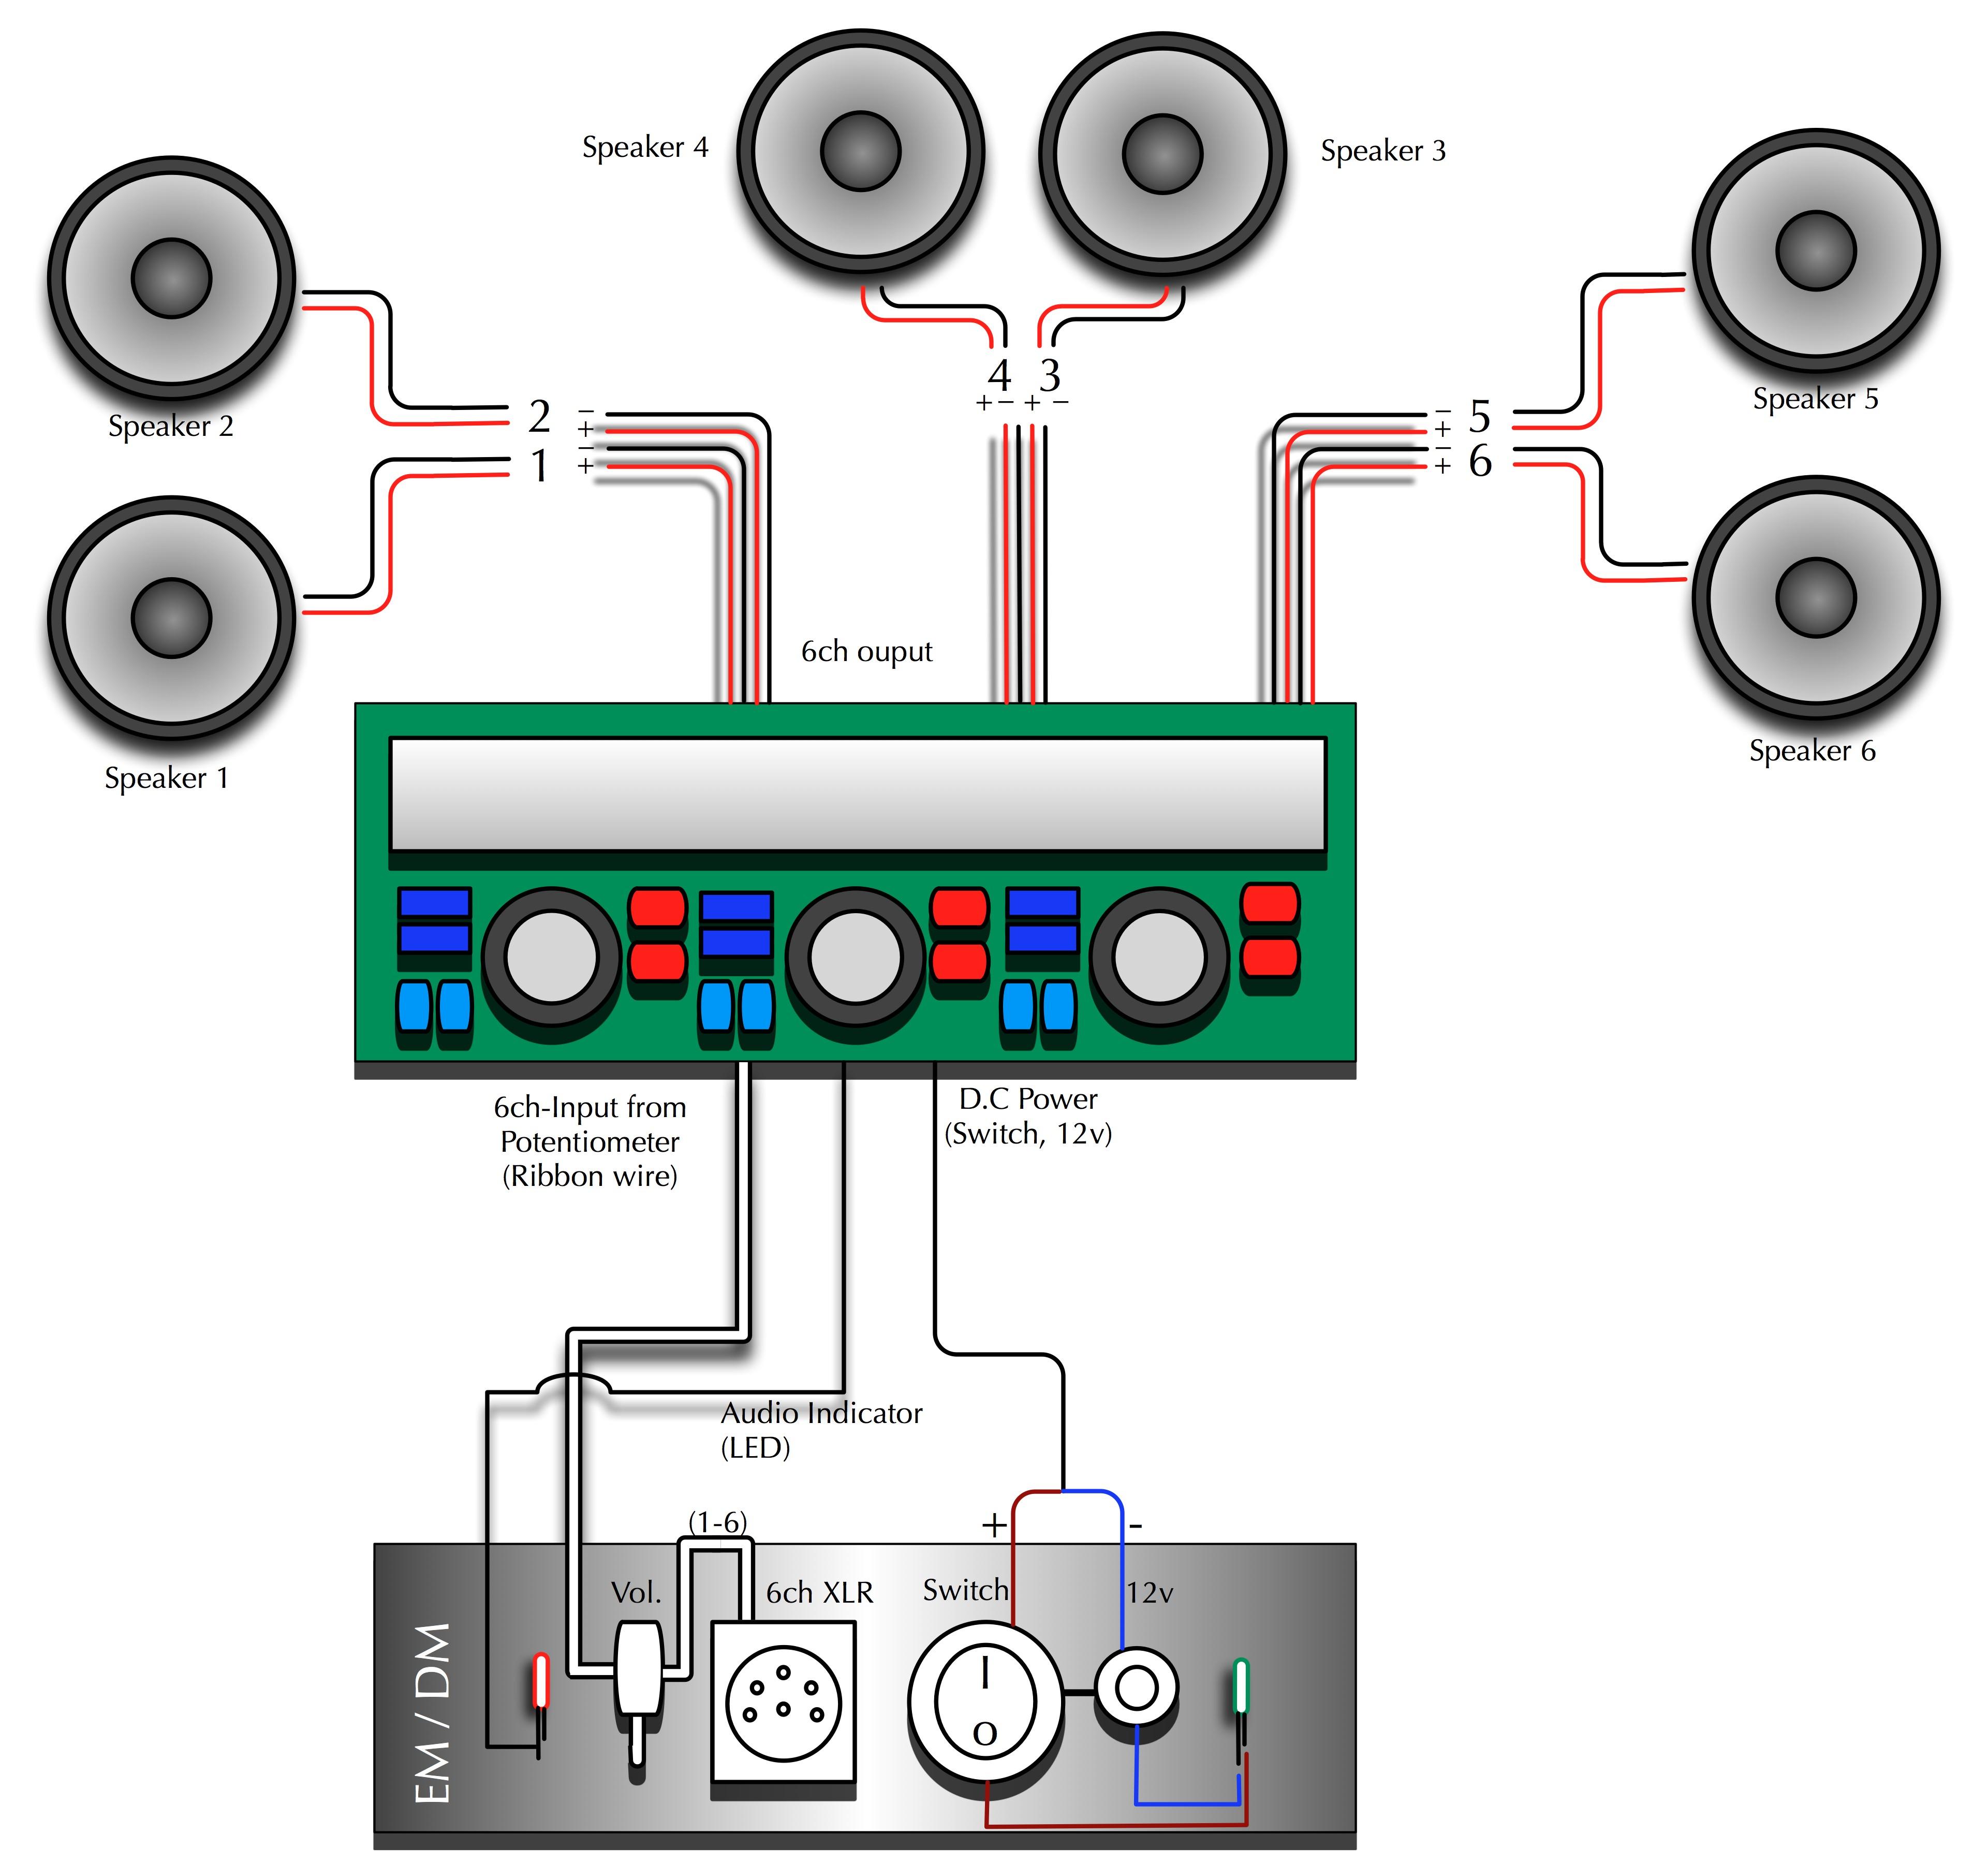 6 speakers 4 channel amp wiring diagram unique wiring diagram image rh mainetreasurechest com Pyle Marine Amp Wiring Diagram Home in the Car Amp Wiring Diagram